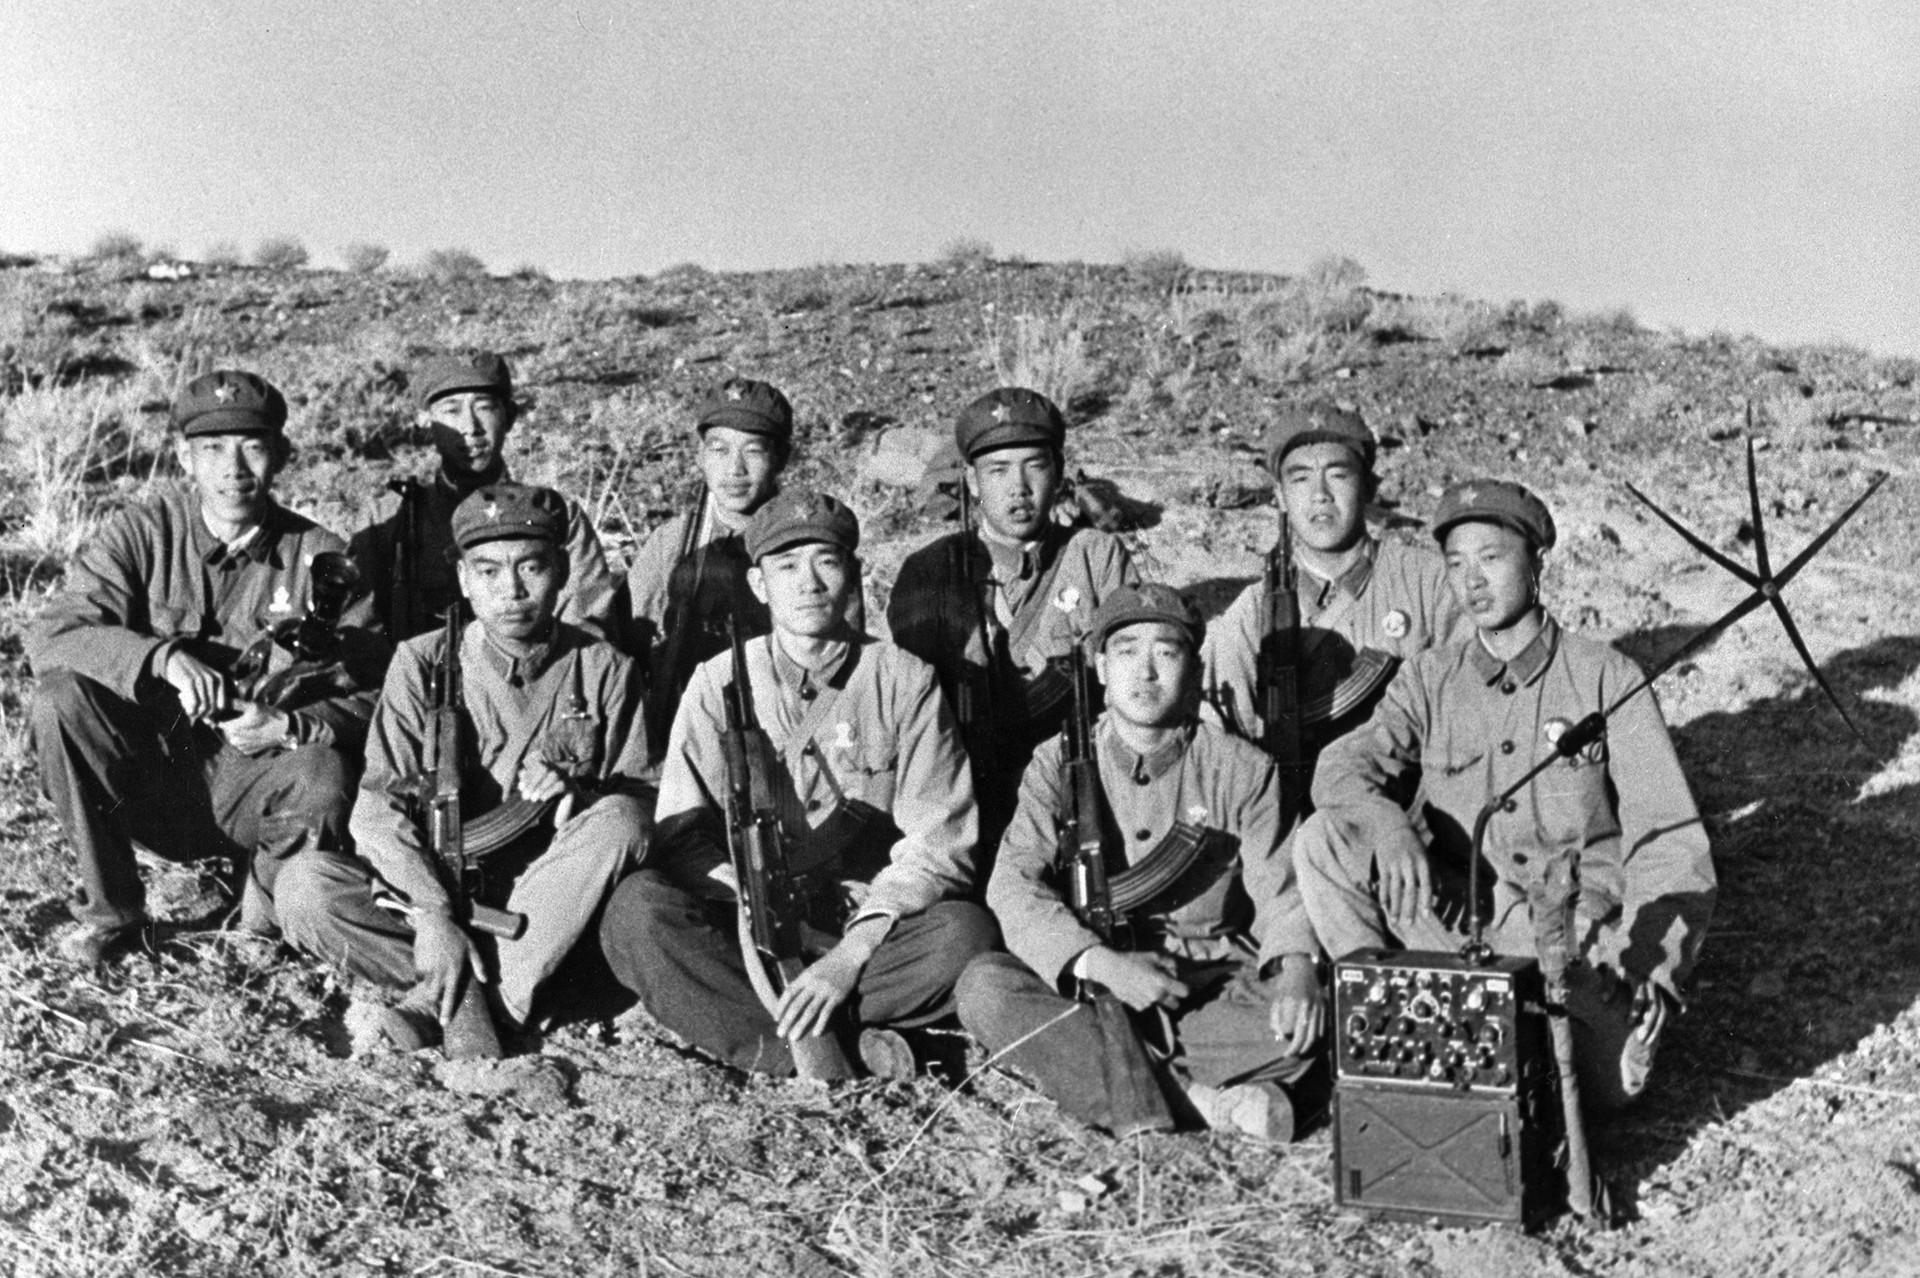 Kitajski vojaki, ki so sodelovali v napadu na sovjetske obmejne stražarje v pokrajini Žalanaškol, 1. 10. 1969